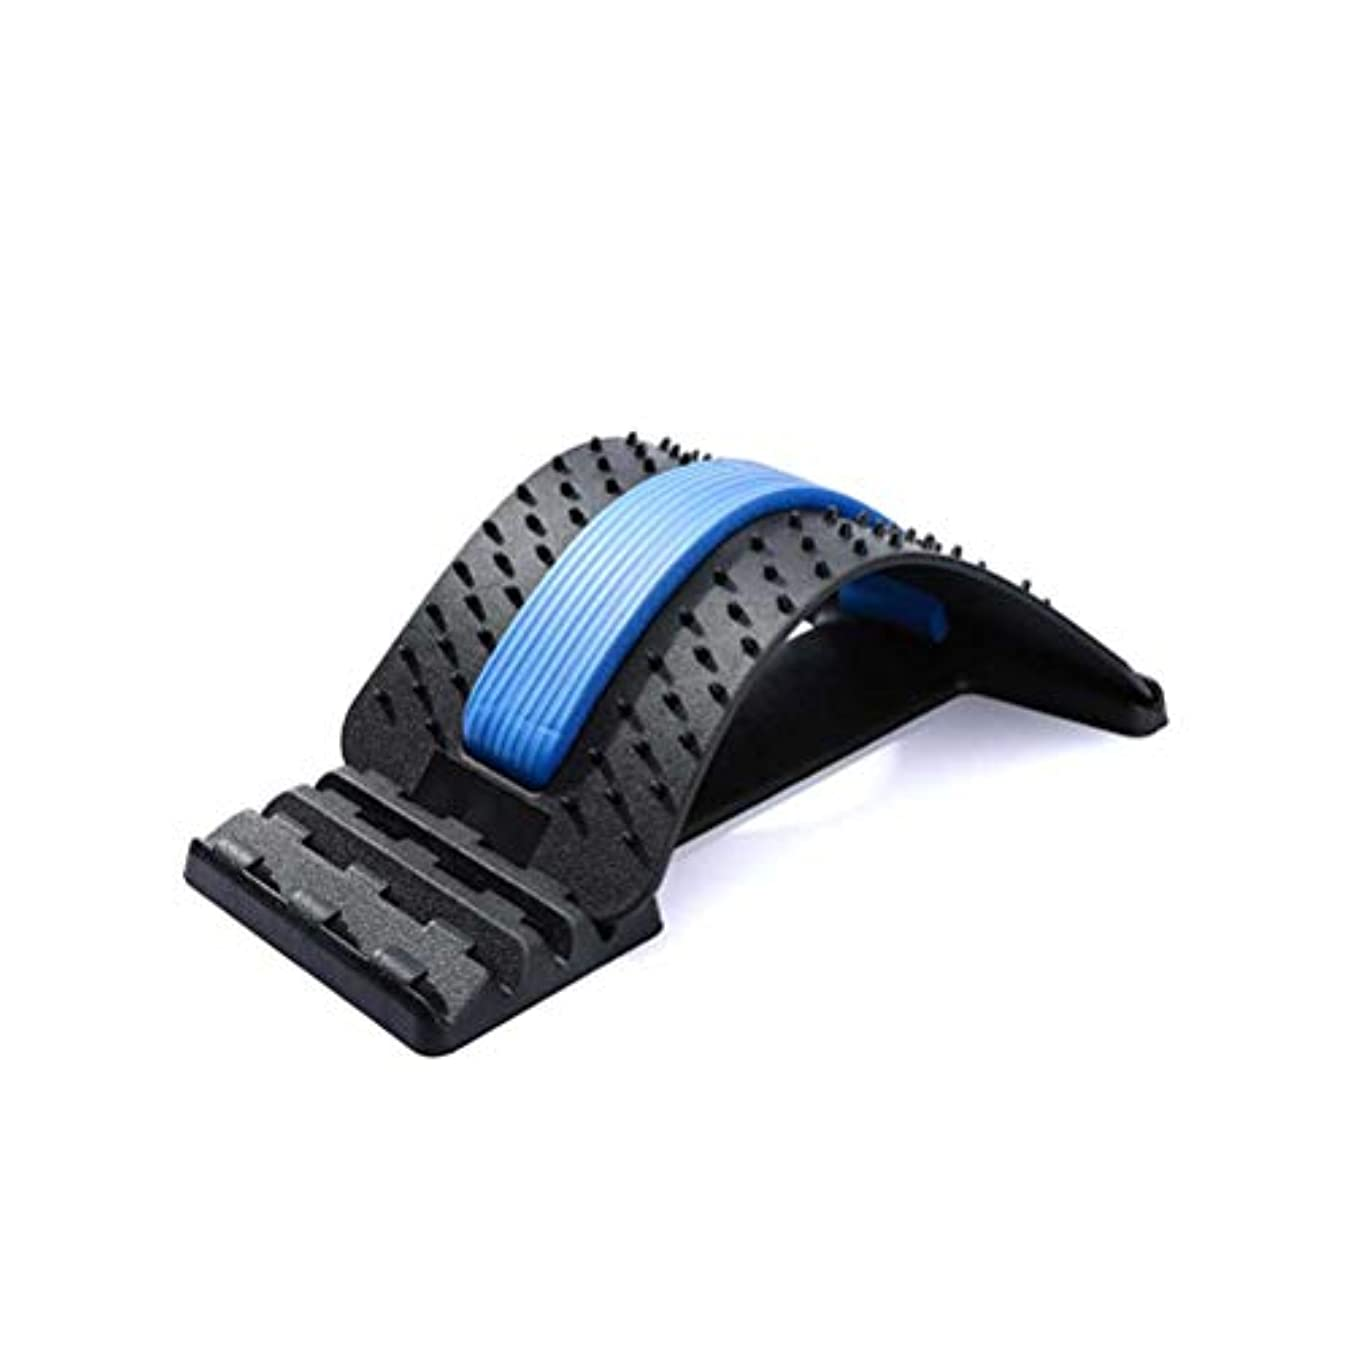 兵器庫遠洋の首相Healifty バックストレッチャー脊椎の痛みを軽減する腰椎牽引ストレッチングデバイス姿勢矯正具